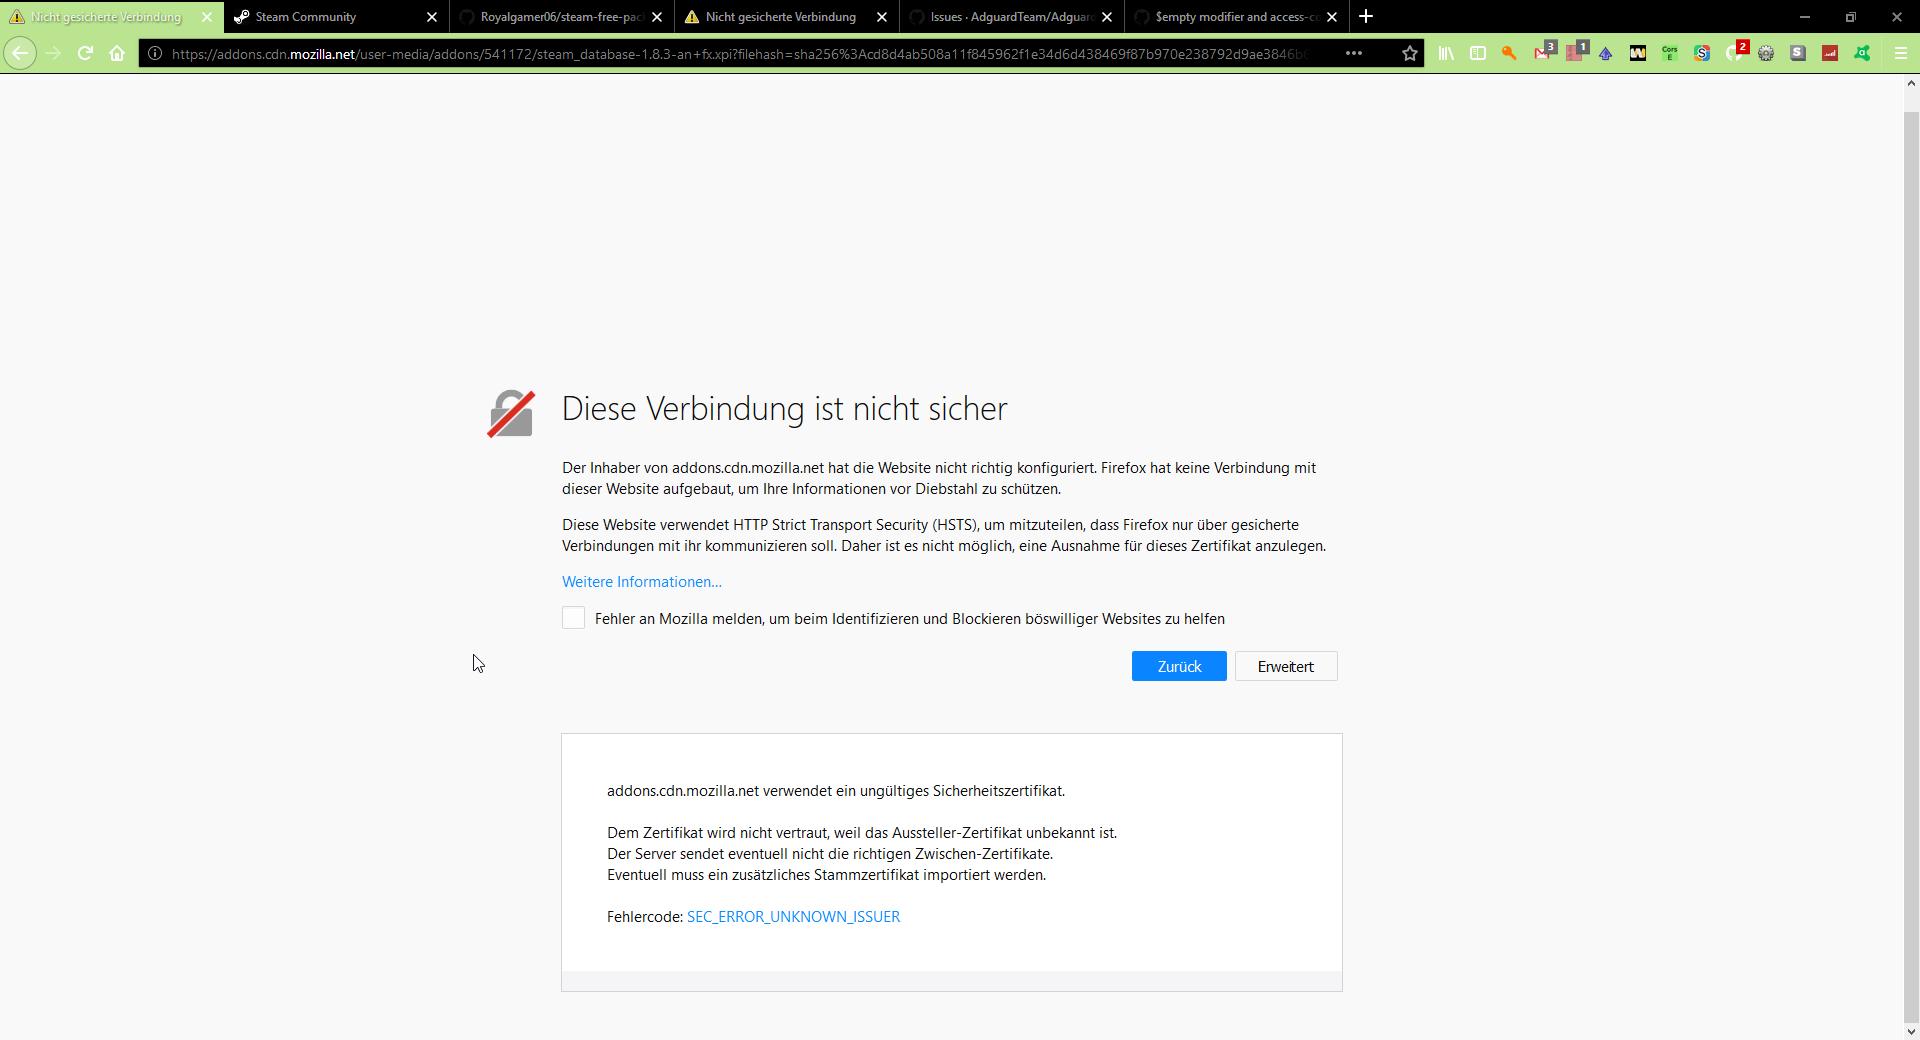 empty modifier and access-control-allow-origin header